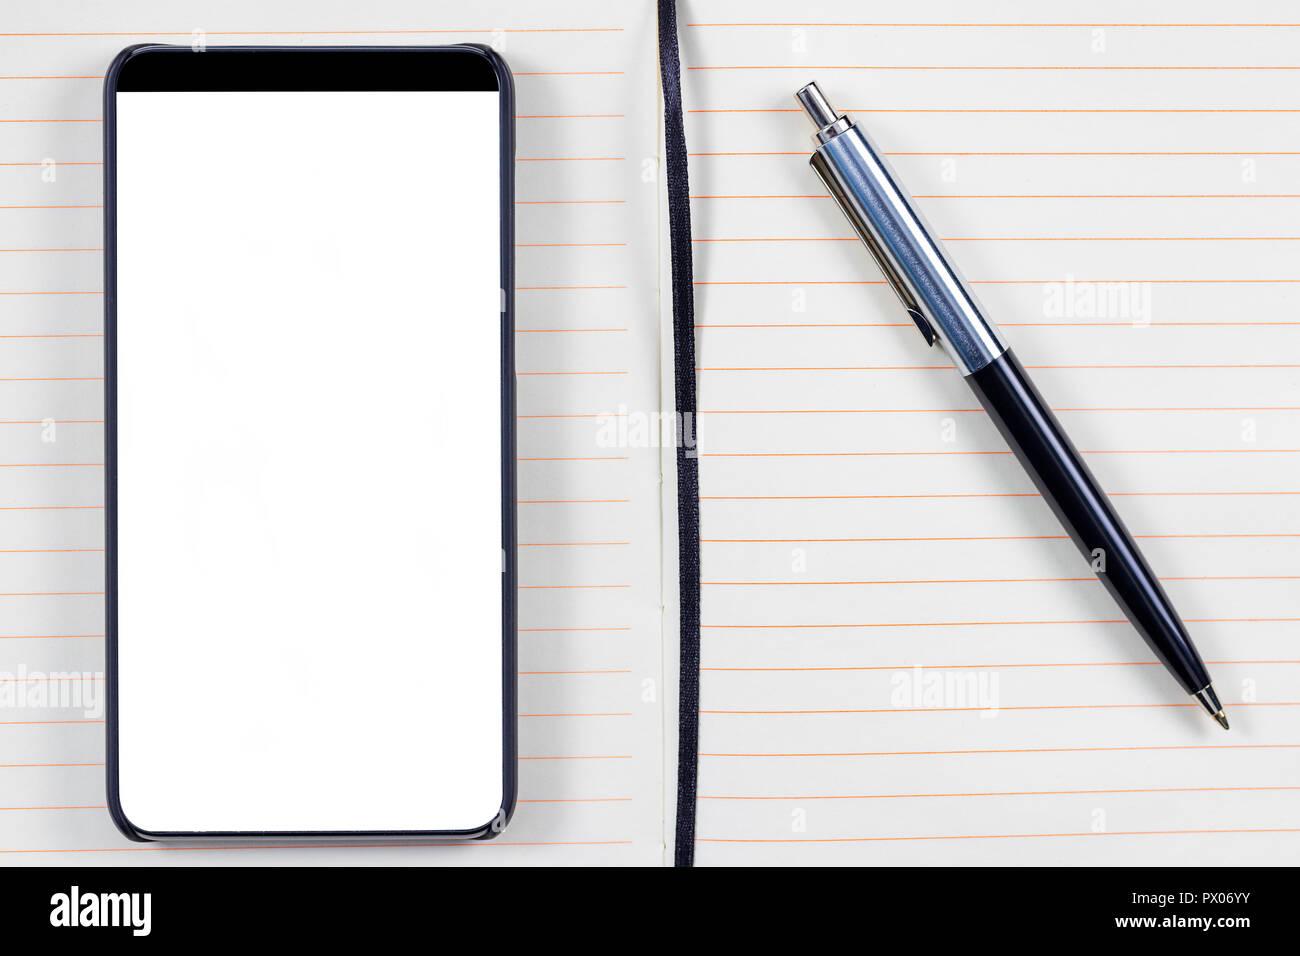 Le bloc-notes avec stylo élégant et le cadre moins Smartphone avec écran  vide. Prêt pour la maquette d applications mobiles. 726c296a2ec1